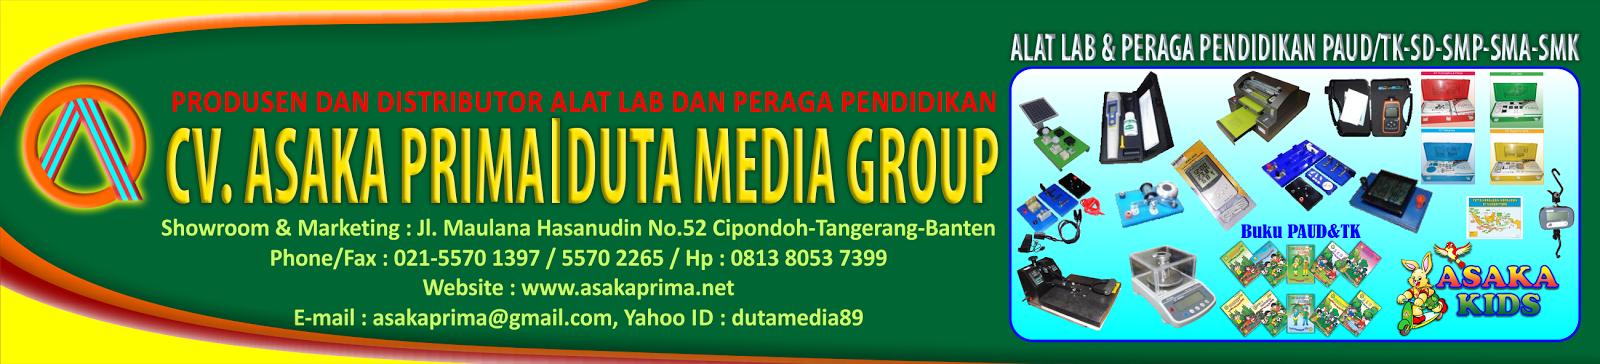 www.asakaprima.net - Produsen Alat Peraga Pendidikan Terlengkap PAUD TK SD SMP SMA